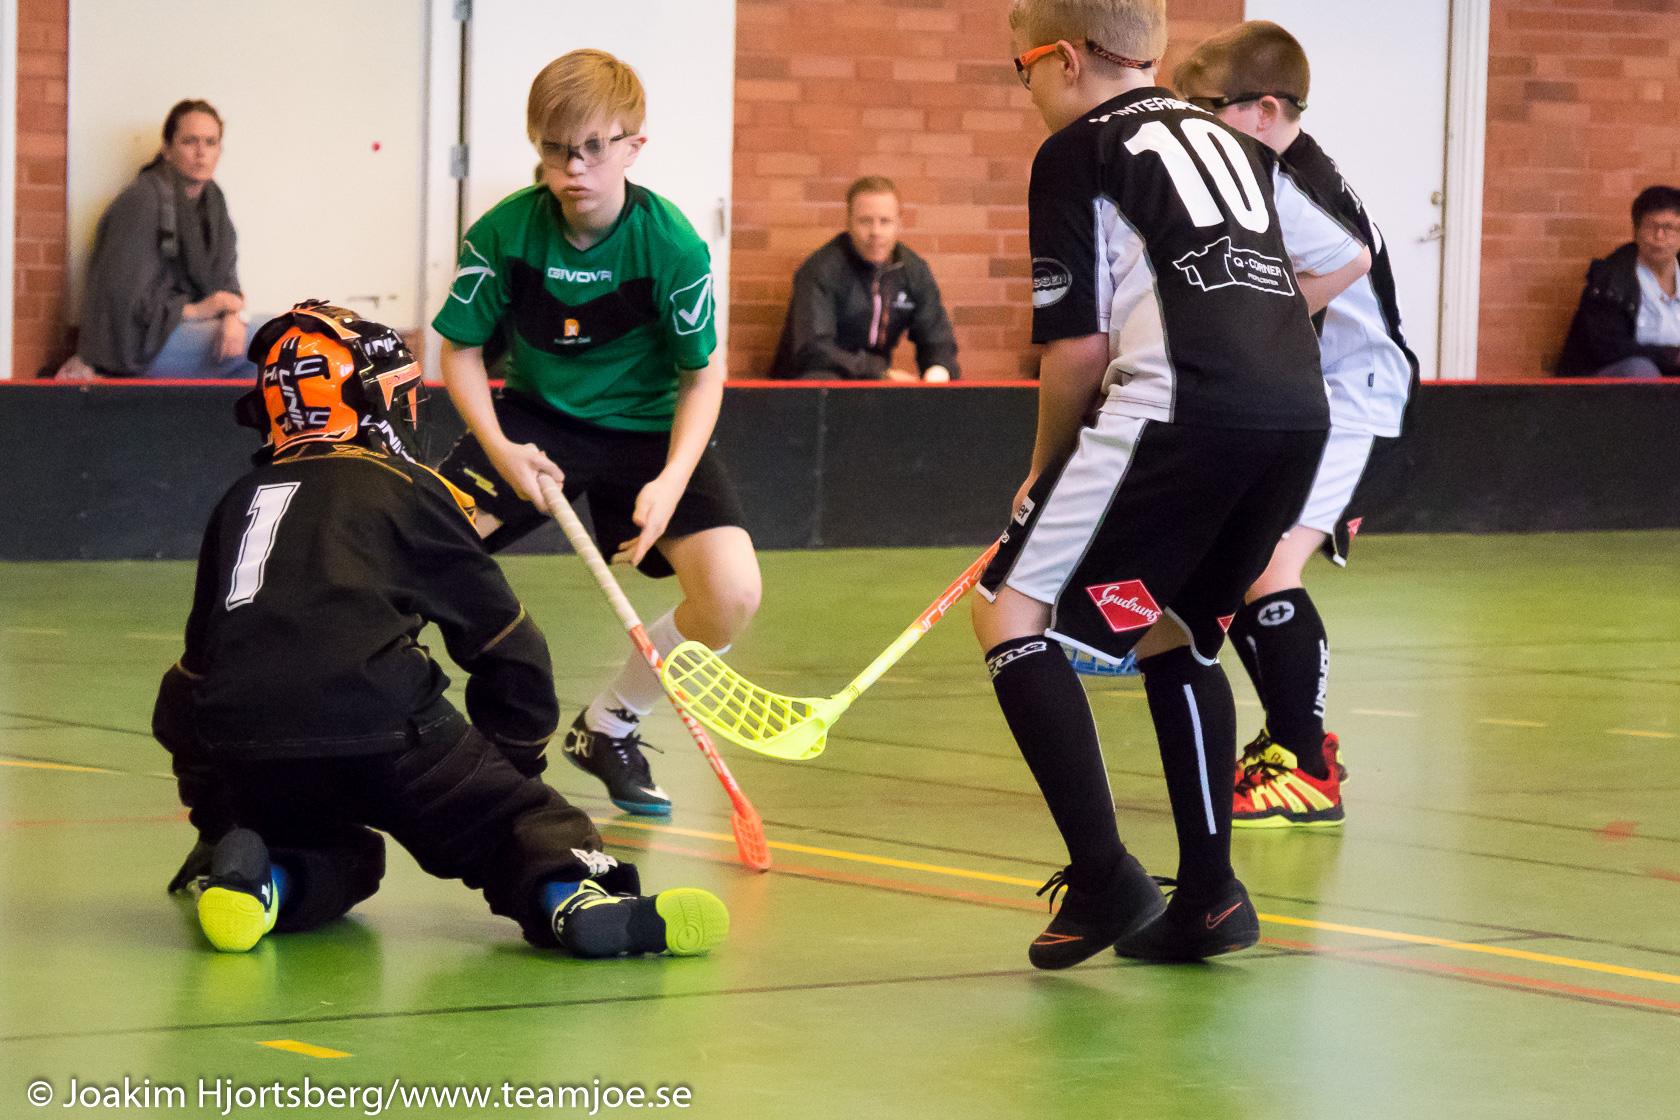 20160409_1640-8 Örebrocupen